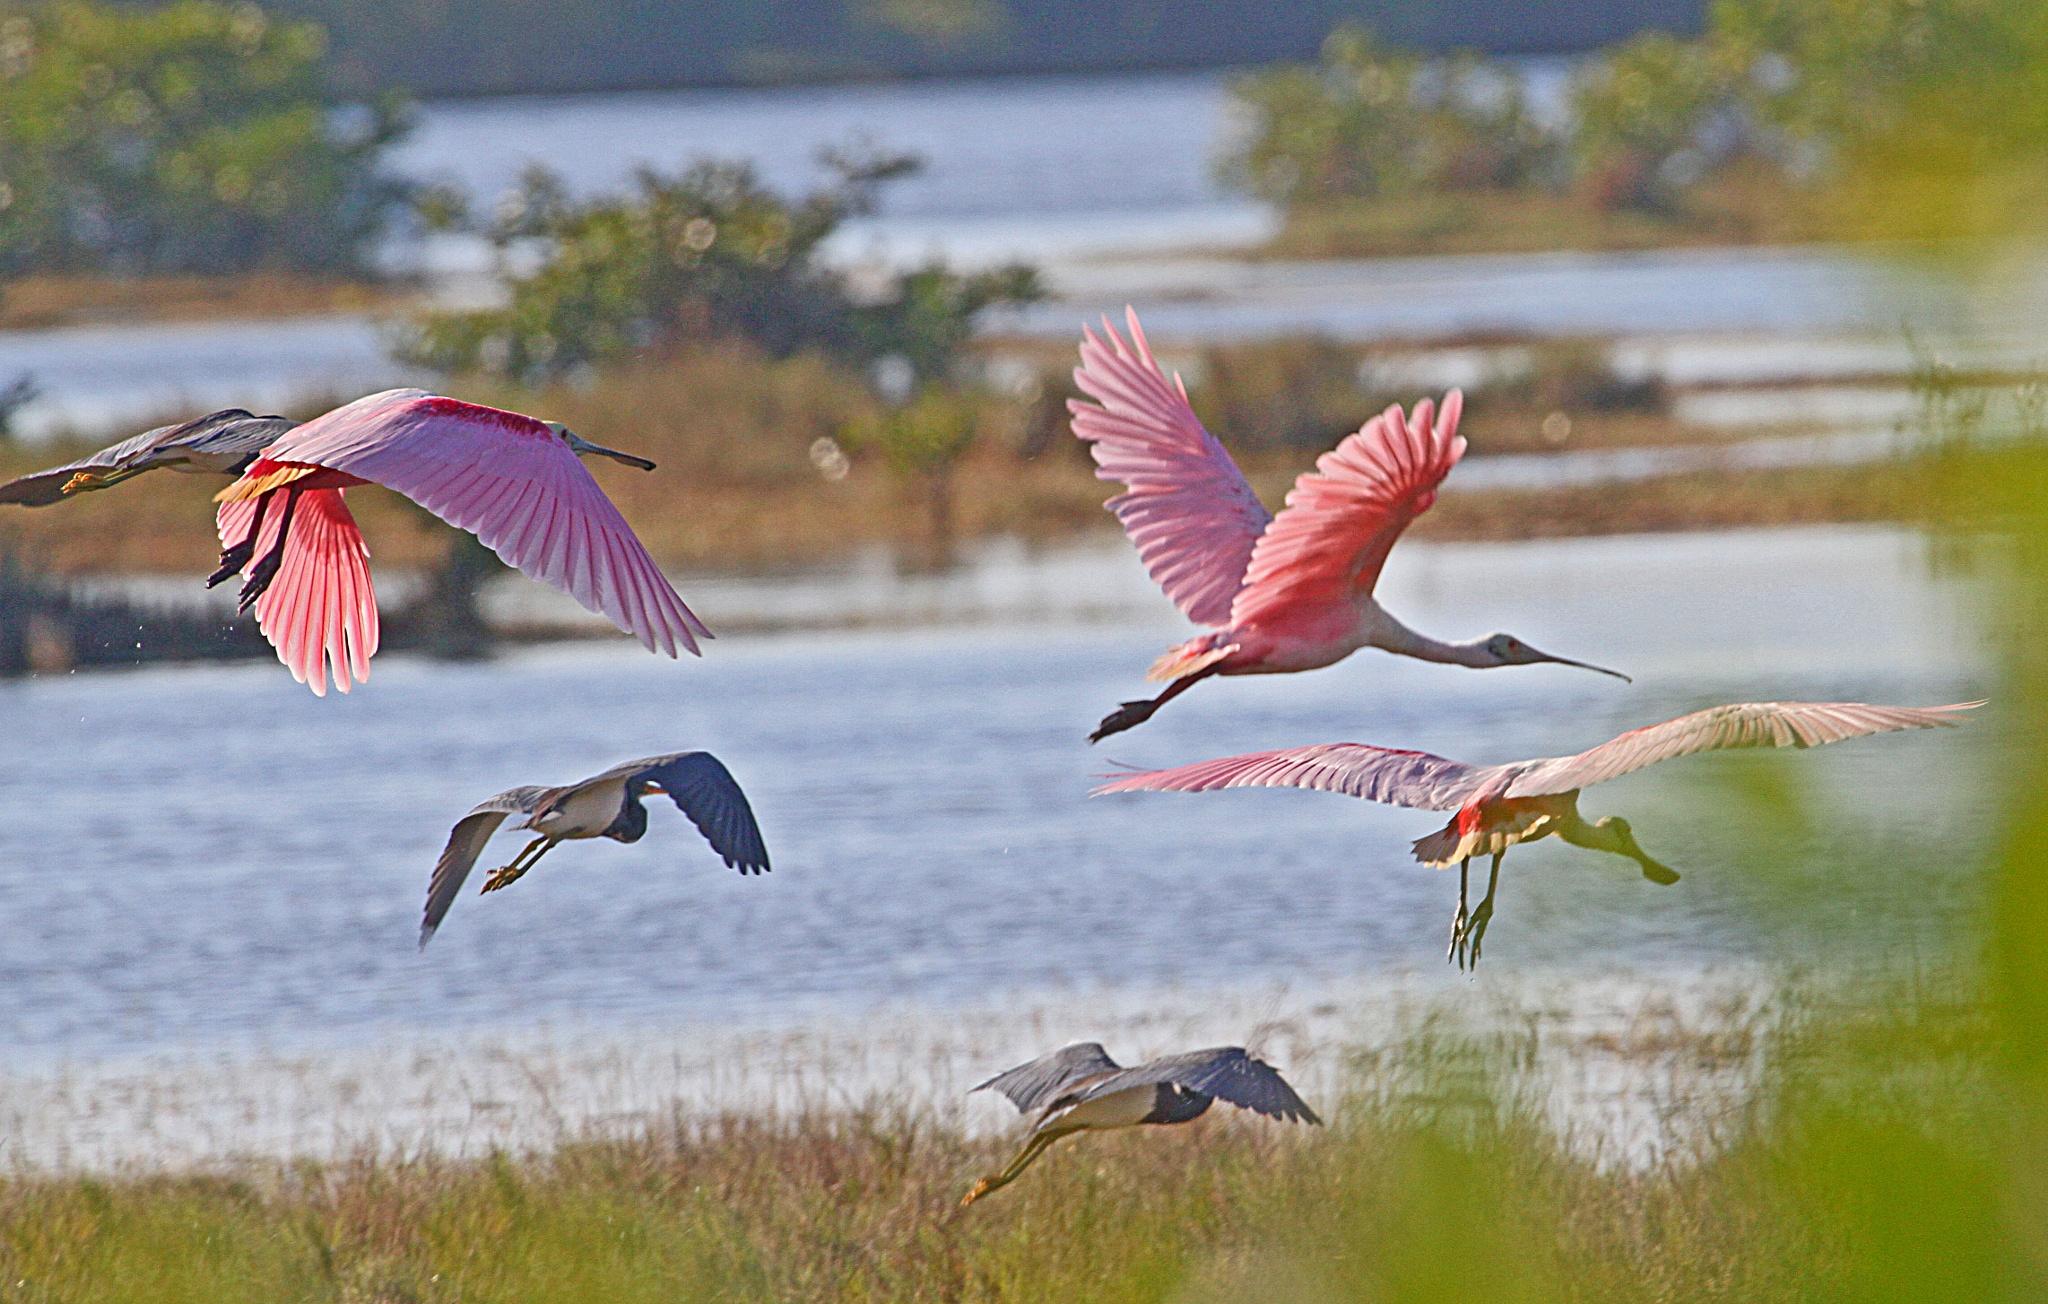 Roseate Spoonbills & Tricolored Herons in Flight by JepThor